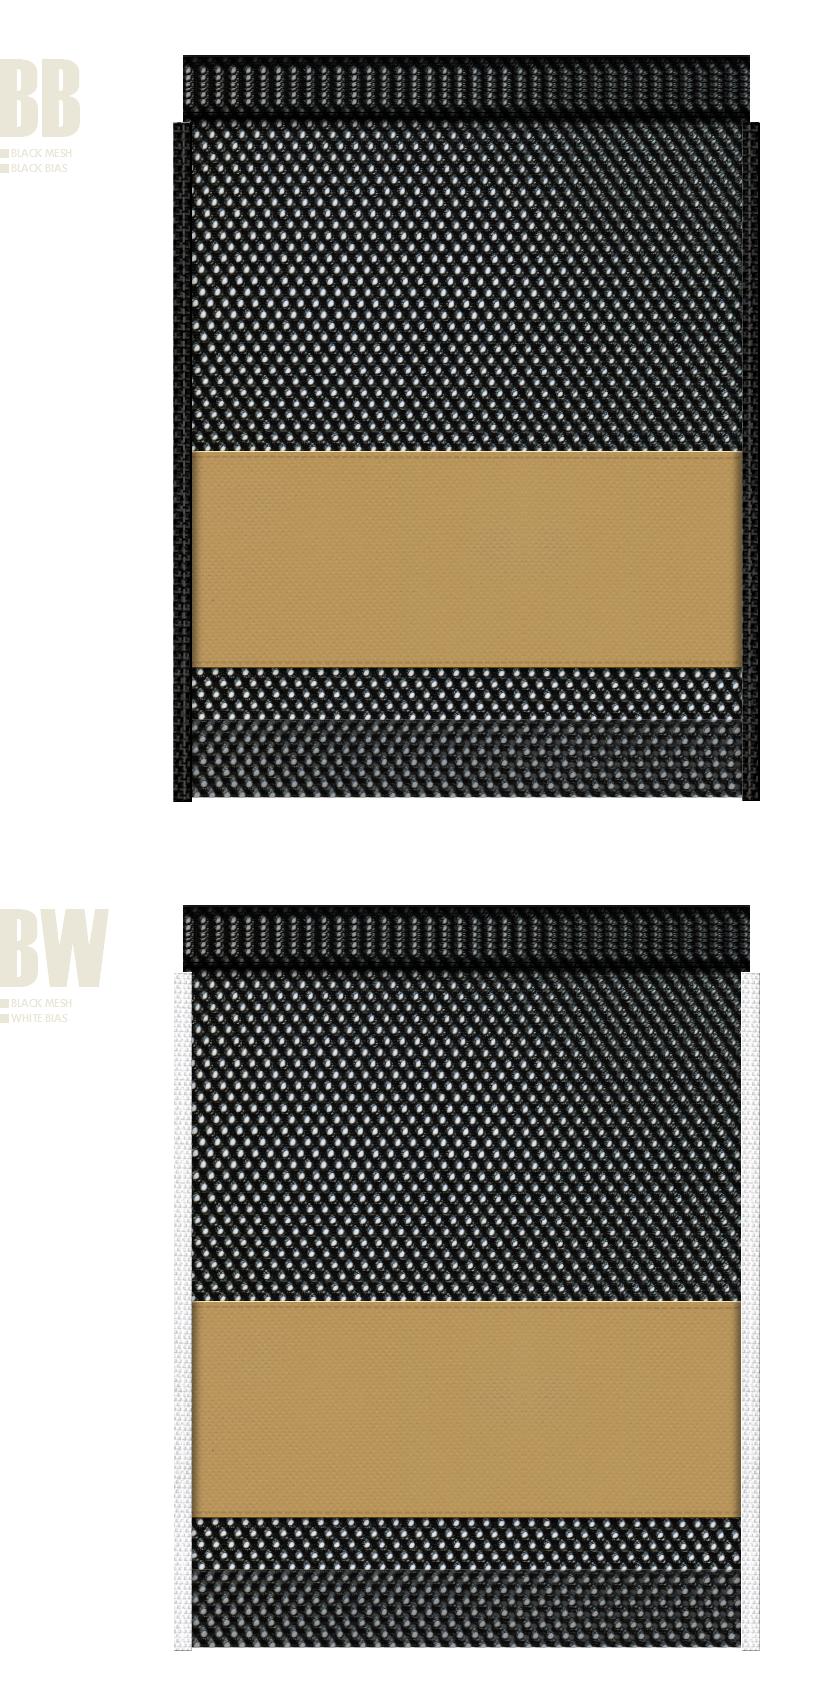 黒色メッシュと金黄土色不織布のメッシュバッグカラーシミュレーション:キャンプ用品・アウトドア用品・アニマル・ジャングル・恐竜・テーマパークにお奨め